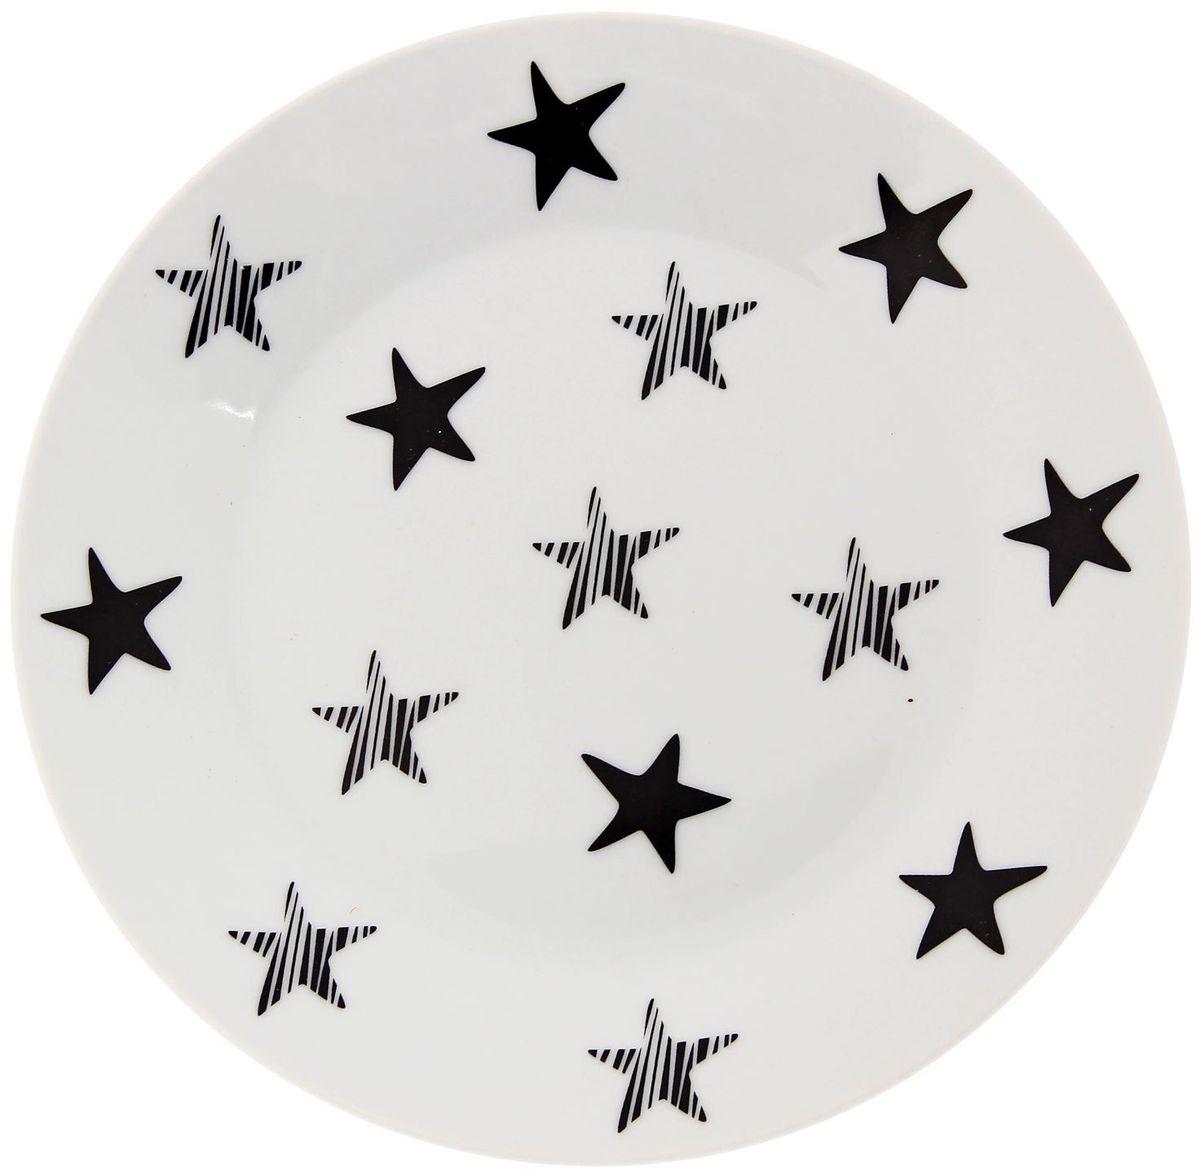 Тарелка мелкая Сотвори чудо My Little Star, диаметр 20 см2277868Хотите обновить интерьер кухни или гостиной? Устраиваете необычную фотосессию или тематический праздник? А может, просто ищете подарок для близкого человека? Посуда « Сотвори Чудо» — правильный выбор в любой ситуации. Её достоинства: изящный фаянс нежного сливочного цвета; стойкость краски; пригодность для посудомоечных машин.